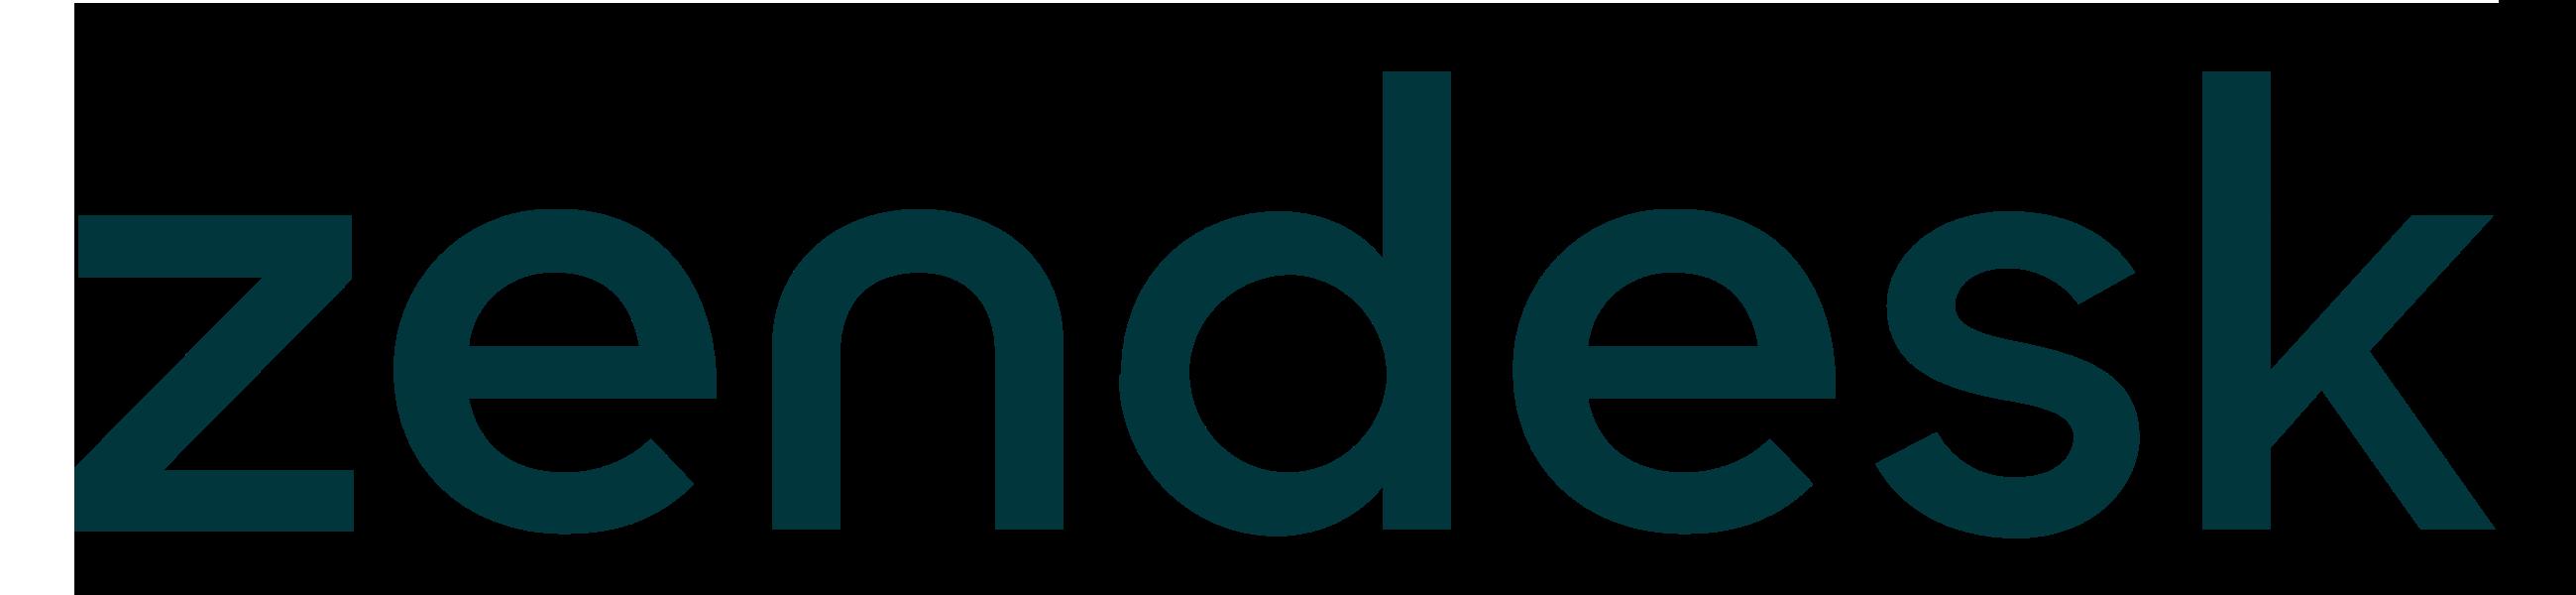 Zendesk_logo_